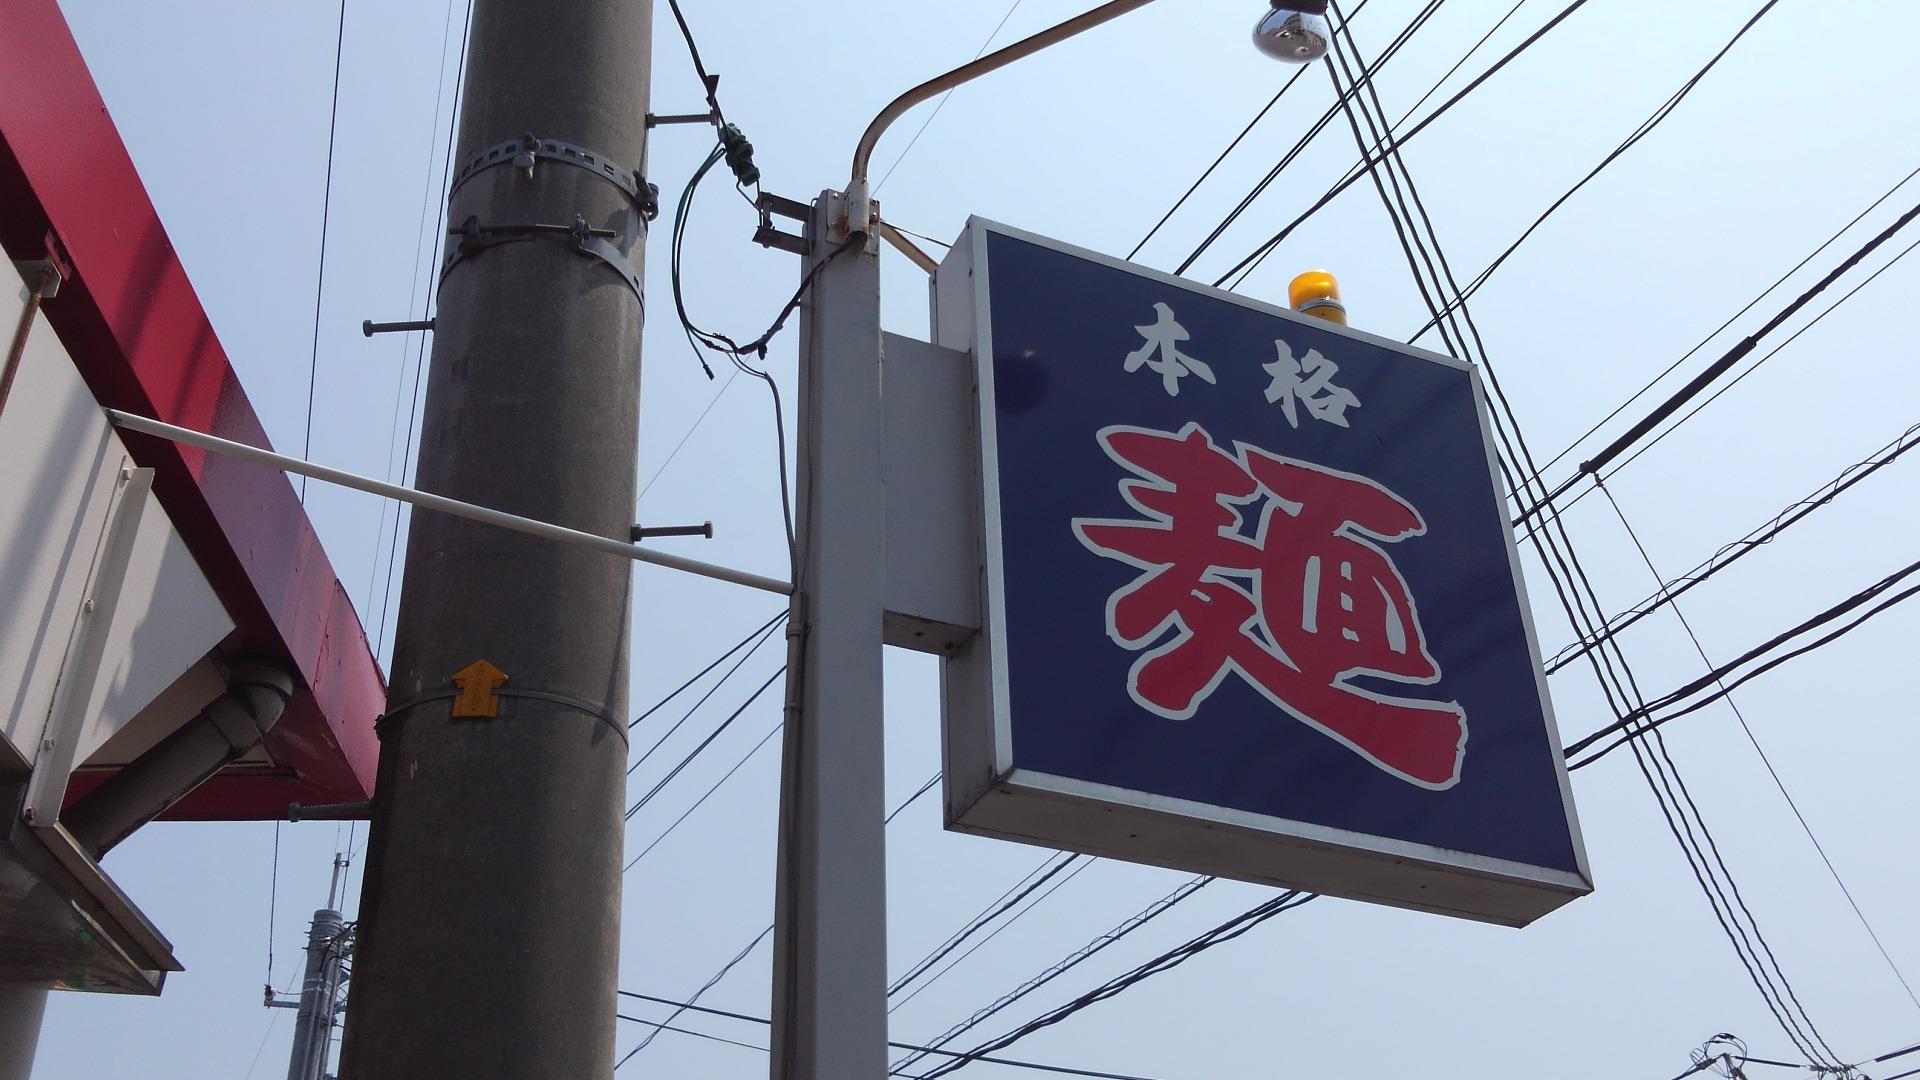 紺のれん 鳥取湖山店